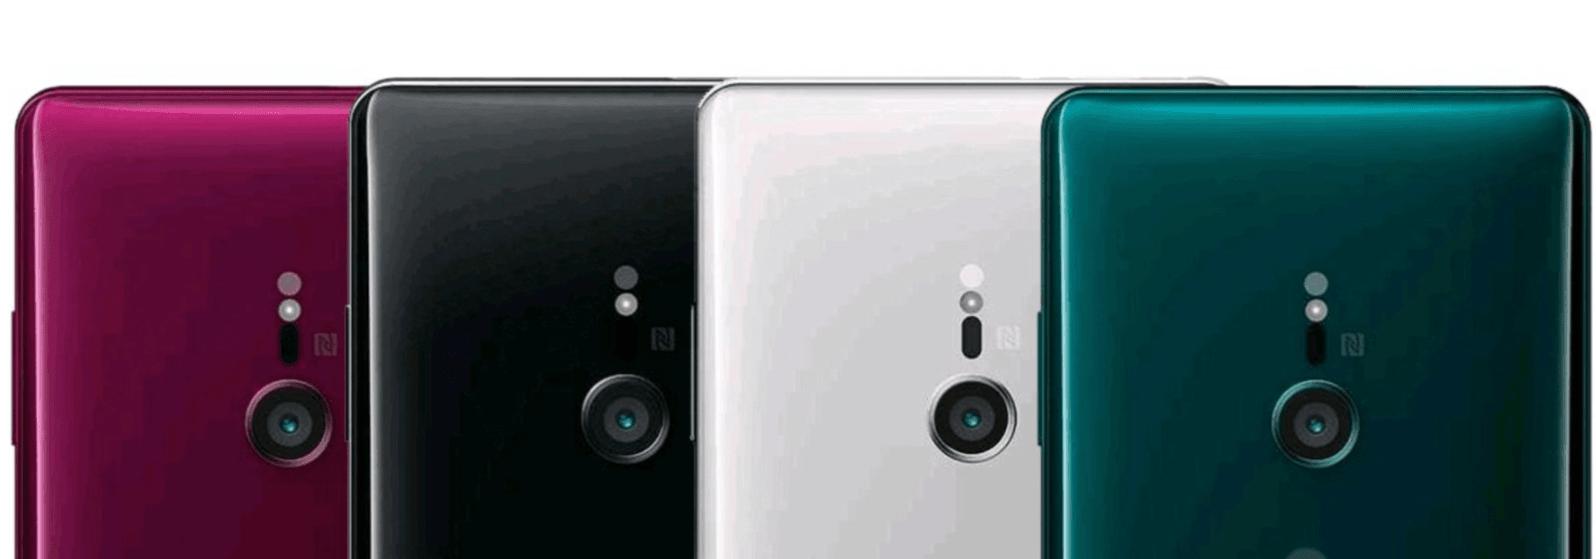 Całkiem ładne te Xperie XZ3 od HTC. Przepraszam - Sony! 18